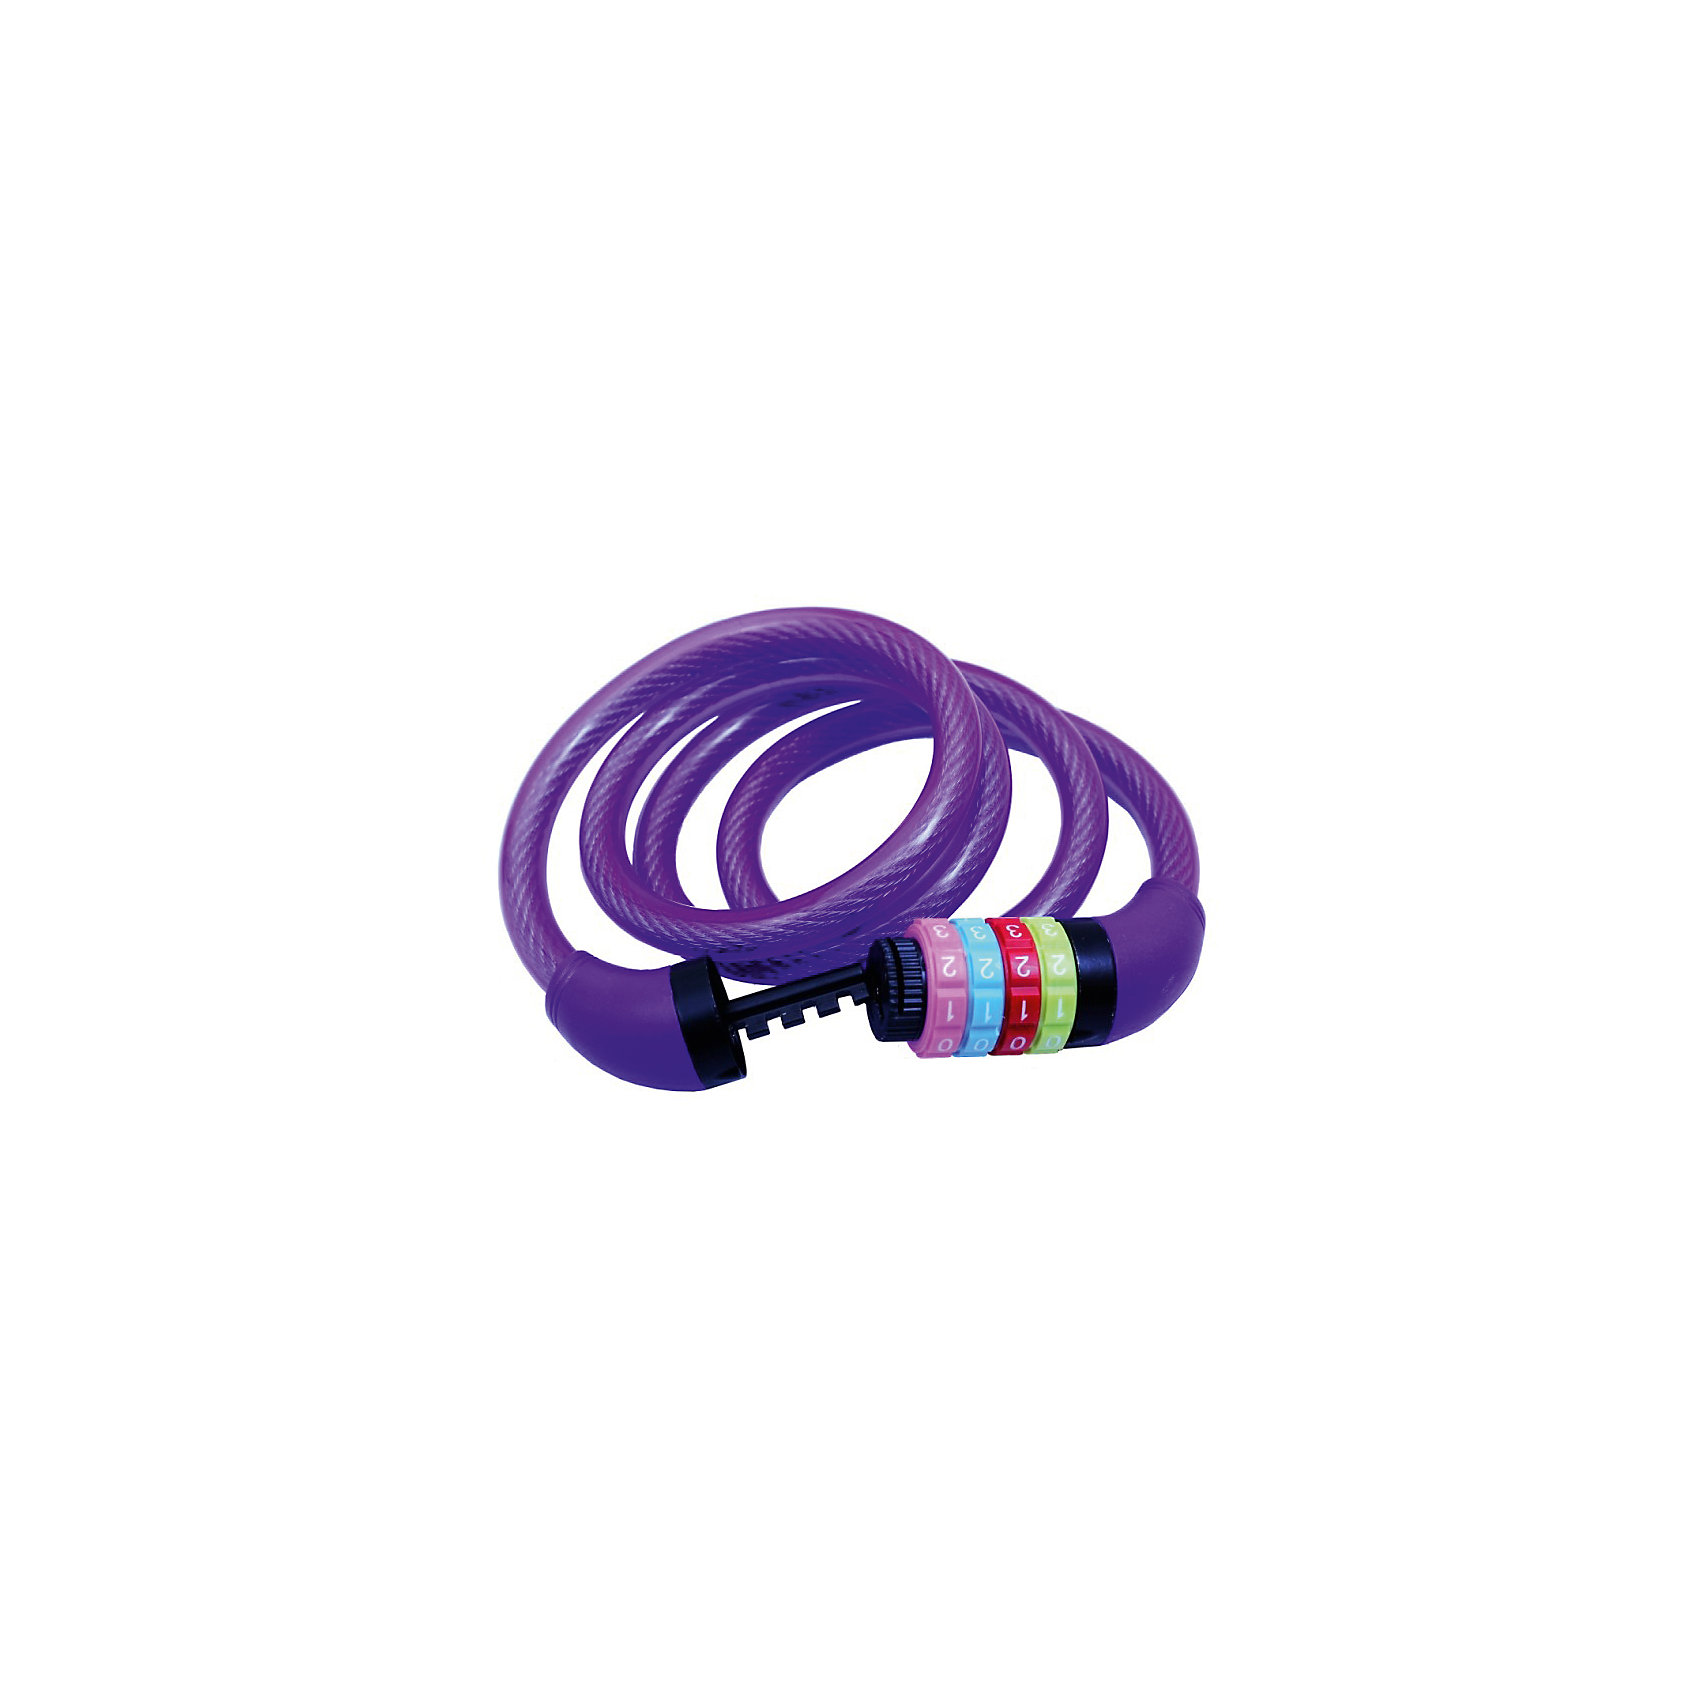 Замок с кодом для колясок ROXY-KIDS 12х1200 мм, Roxy-KidsХарактеристики:<br><br>• Предназначение: замок для колясок<br>• Цвет: сиреневый<br>• Материал: сталь, поливинилхлорид<br>• Длина троса: 120 см<br>• Кодовый замок<br>• Универсальный размер<br>• Можно использовать для велосипедов<br>• Вес: 400 г<br>• Размеры (Д*Ш*В): 15*3*15 см<br><br>Замок с кодом для колясок ROXY-KIDS 12х1200 мм, Roxy-Kids изготовлен из стали и полимера, которые придают изделию особую прочность и надежность. Диаметр стального троса составляет более одного сантиметра, благодаря чему его практически невозможно перерезать. В качестве защиты трос покрыт полимерным материалов. Оснащен кодовым замком. Трос гибкий, не переламывается и не слоится, легко принимает необходимую форму, имеет универсальную длину, подходящую для коляски любой марки и модели. Замок можно использовать для велосипедов.<br><br>Замок с кодом для колясок ROXY-KIDS 12х1200 мм, Roxy-Kids можно купить в нашем интернет-магазине.<br><br>Ширина мм: 150<br>Глубина мм: 150<br>Высота мм: 40<br>Вес г: 400<br>Возраст от месяцев: 0<br>Возраст до месяцев: 36<br>Пол: Унисекс<br>Возраст: Детский<br>SKU: 5489927